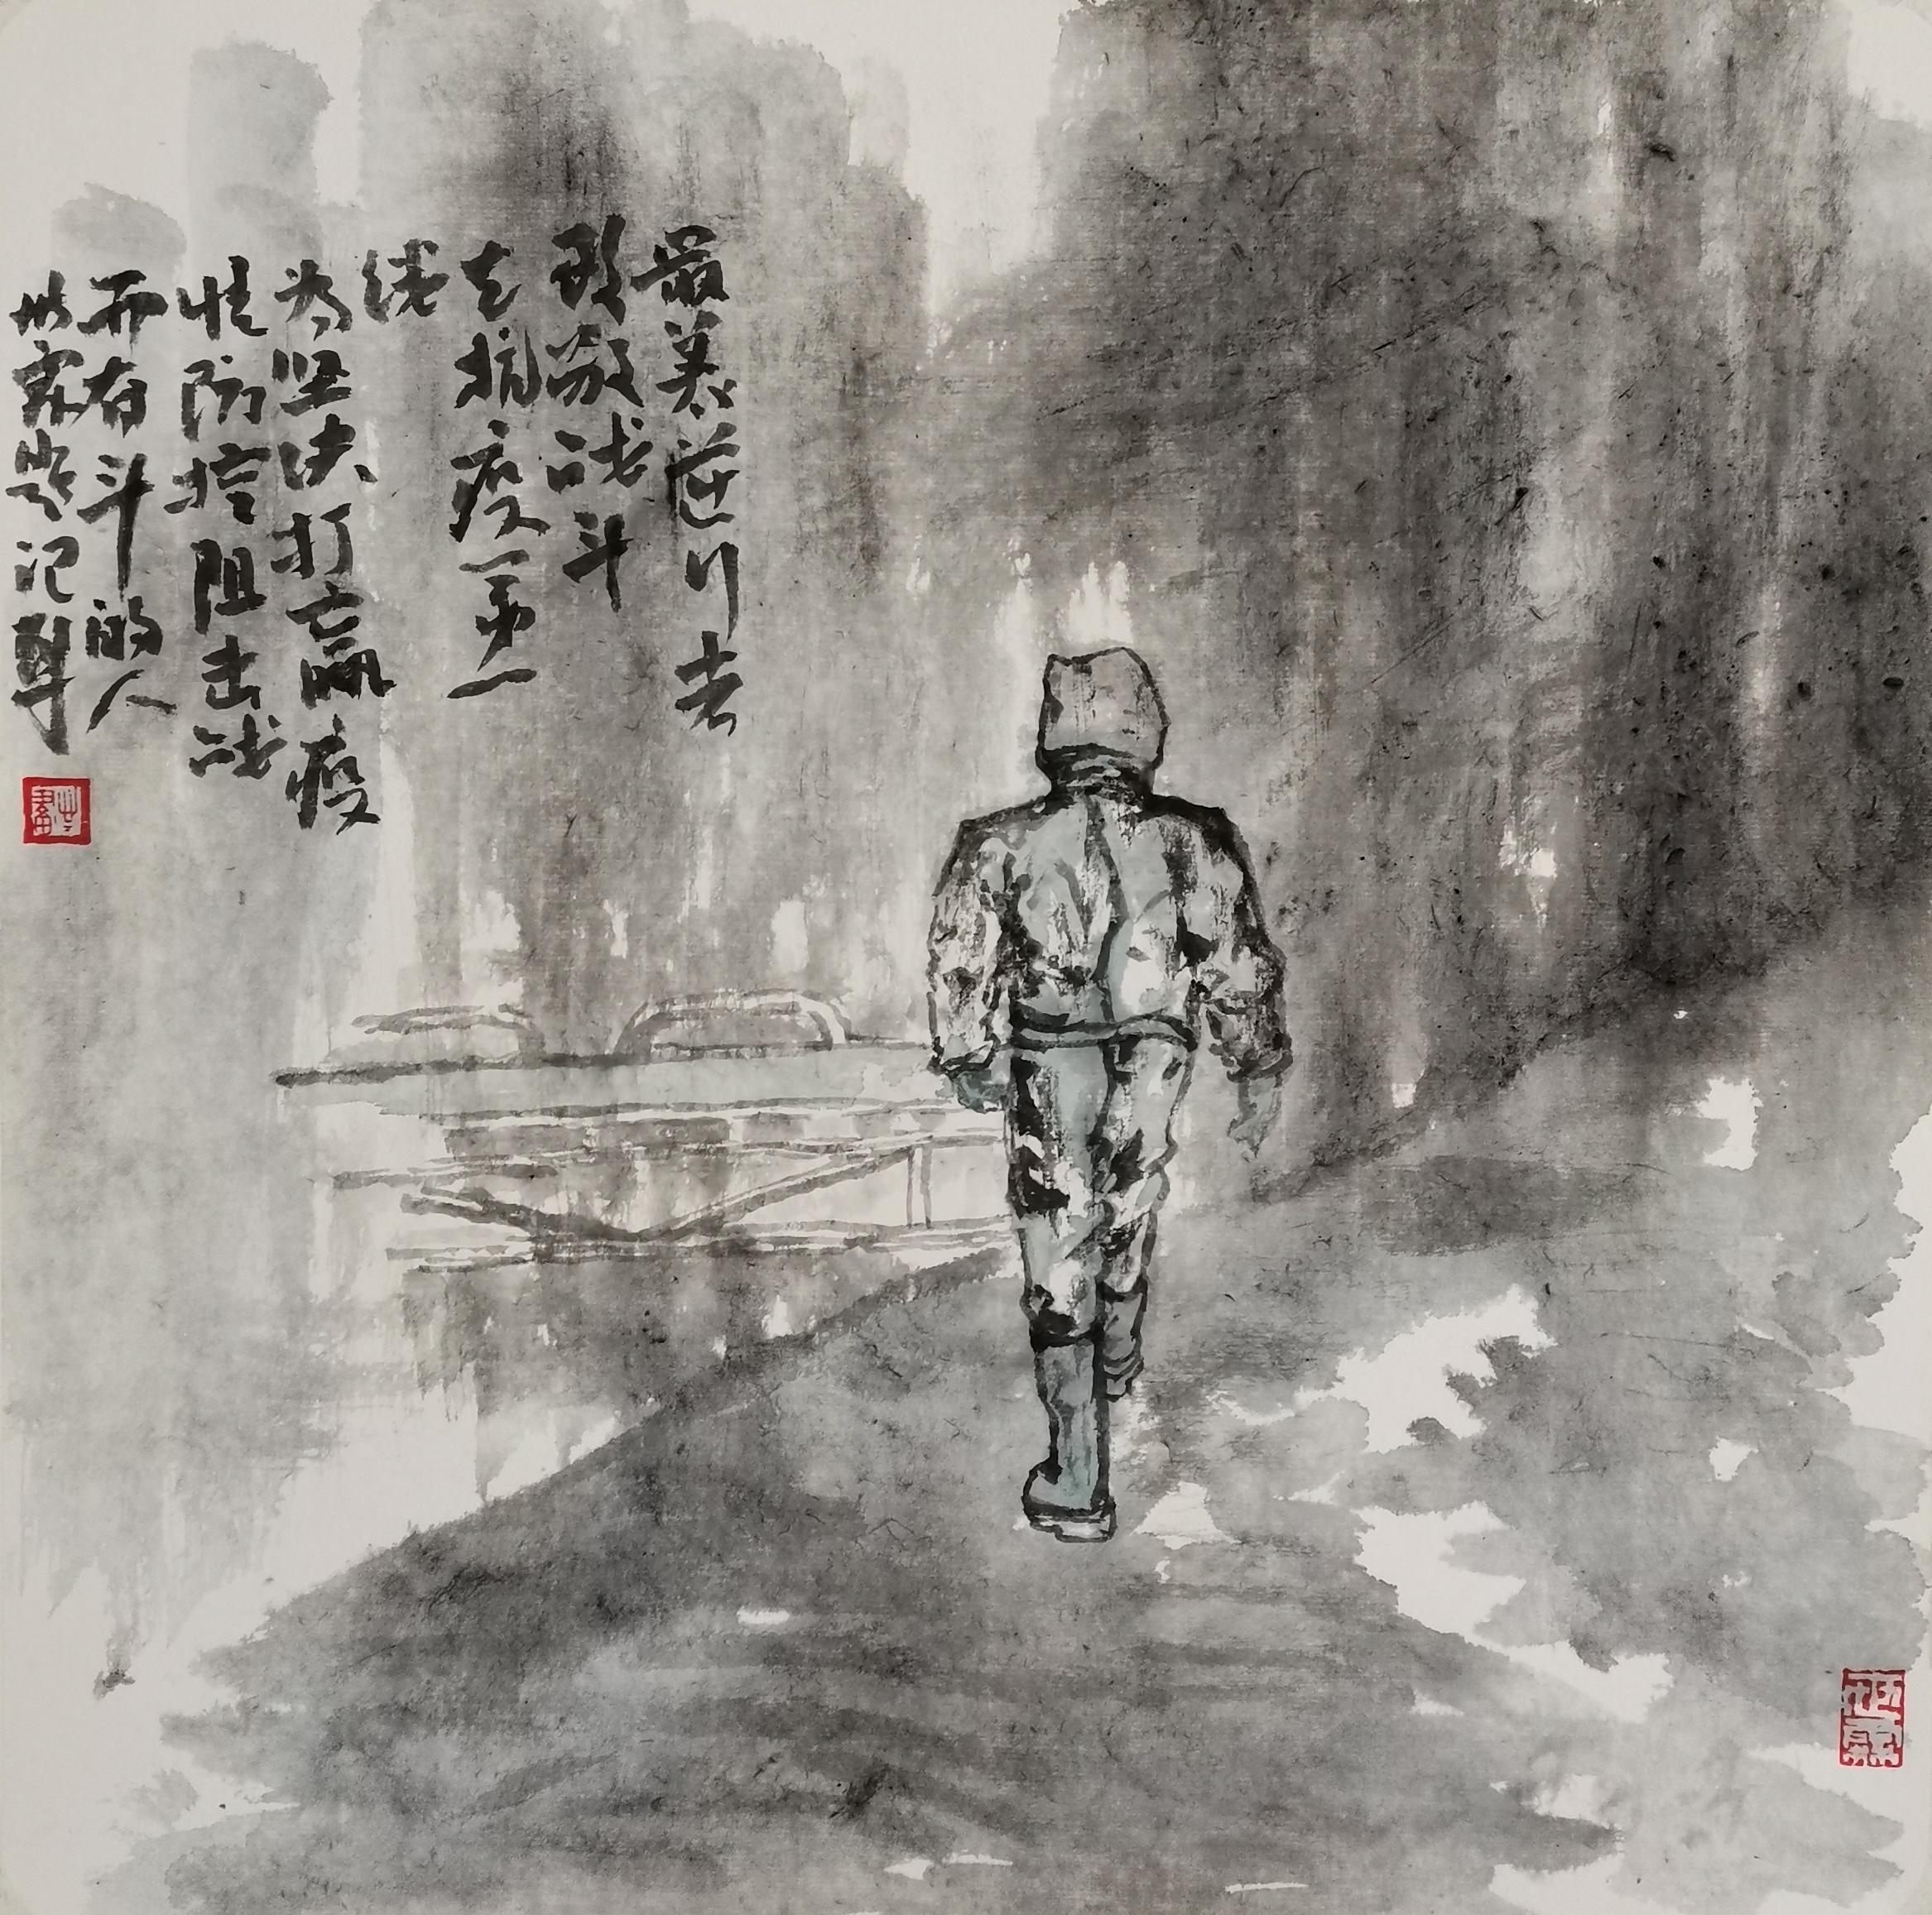 《最美逆行者》作者:张世霖